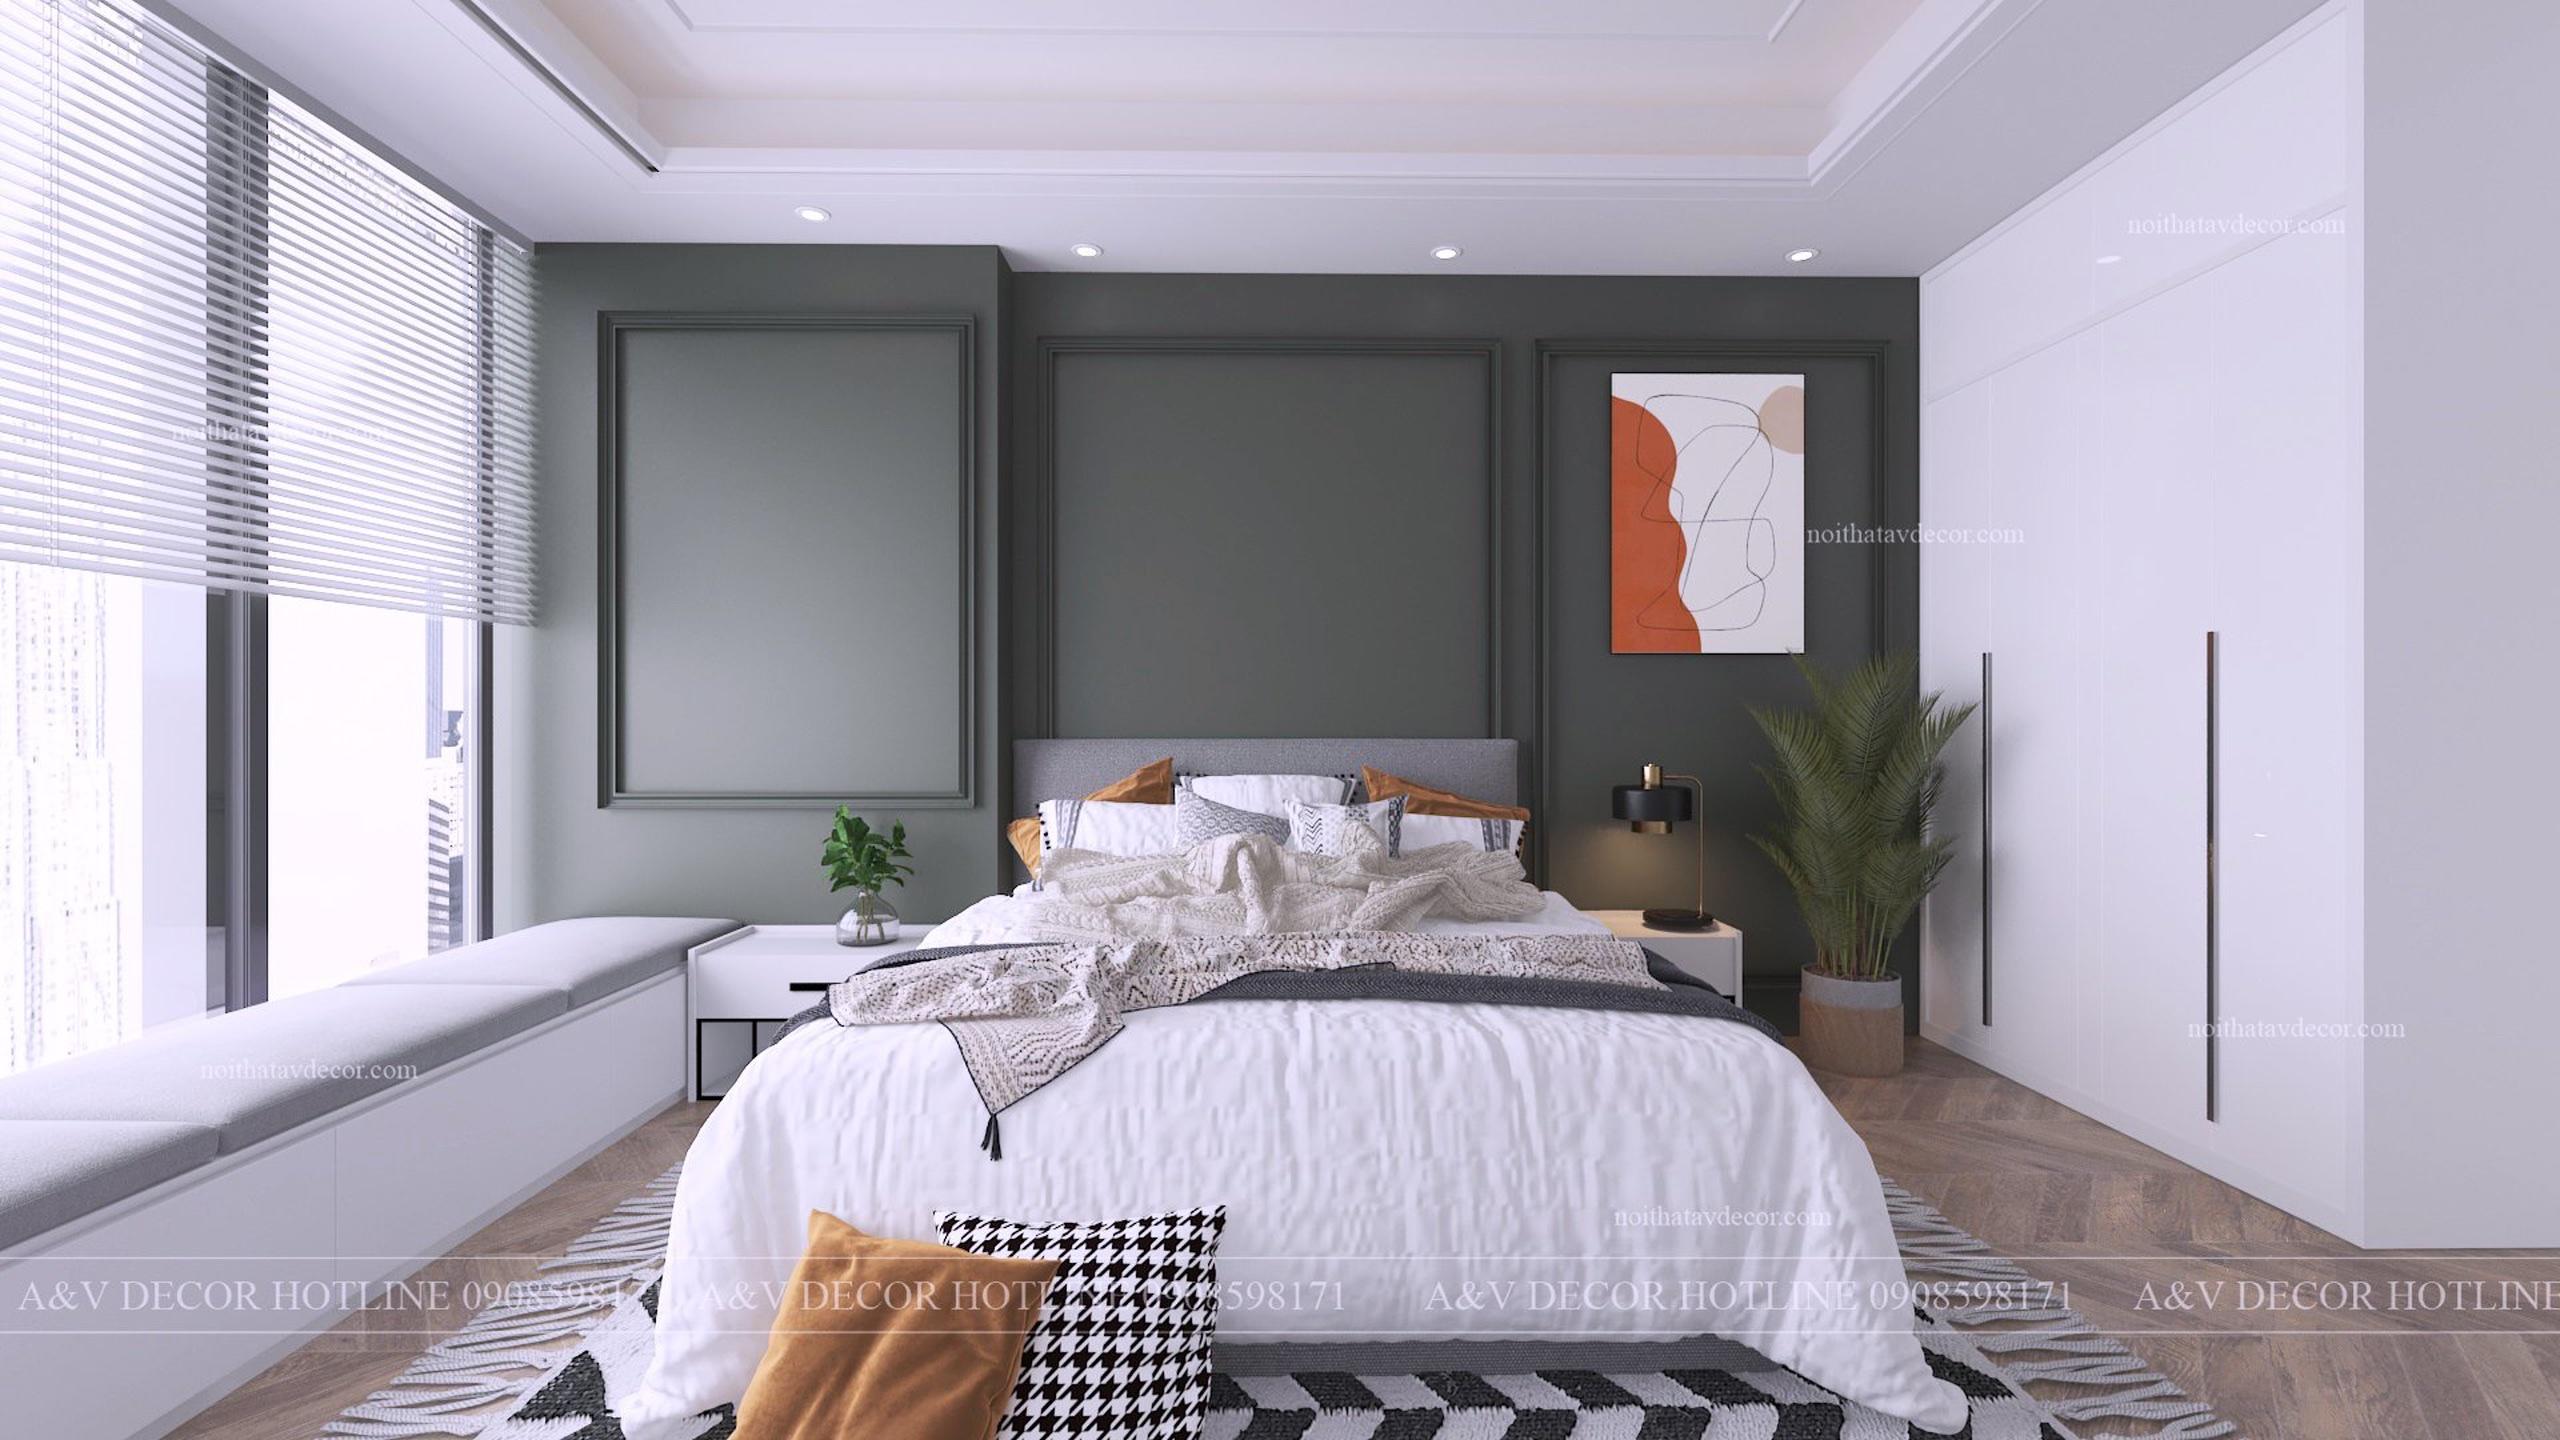 2bedrooms-for-rent-in-midtown (5)